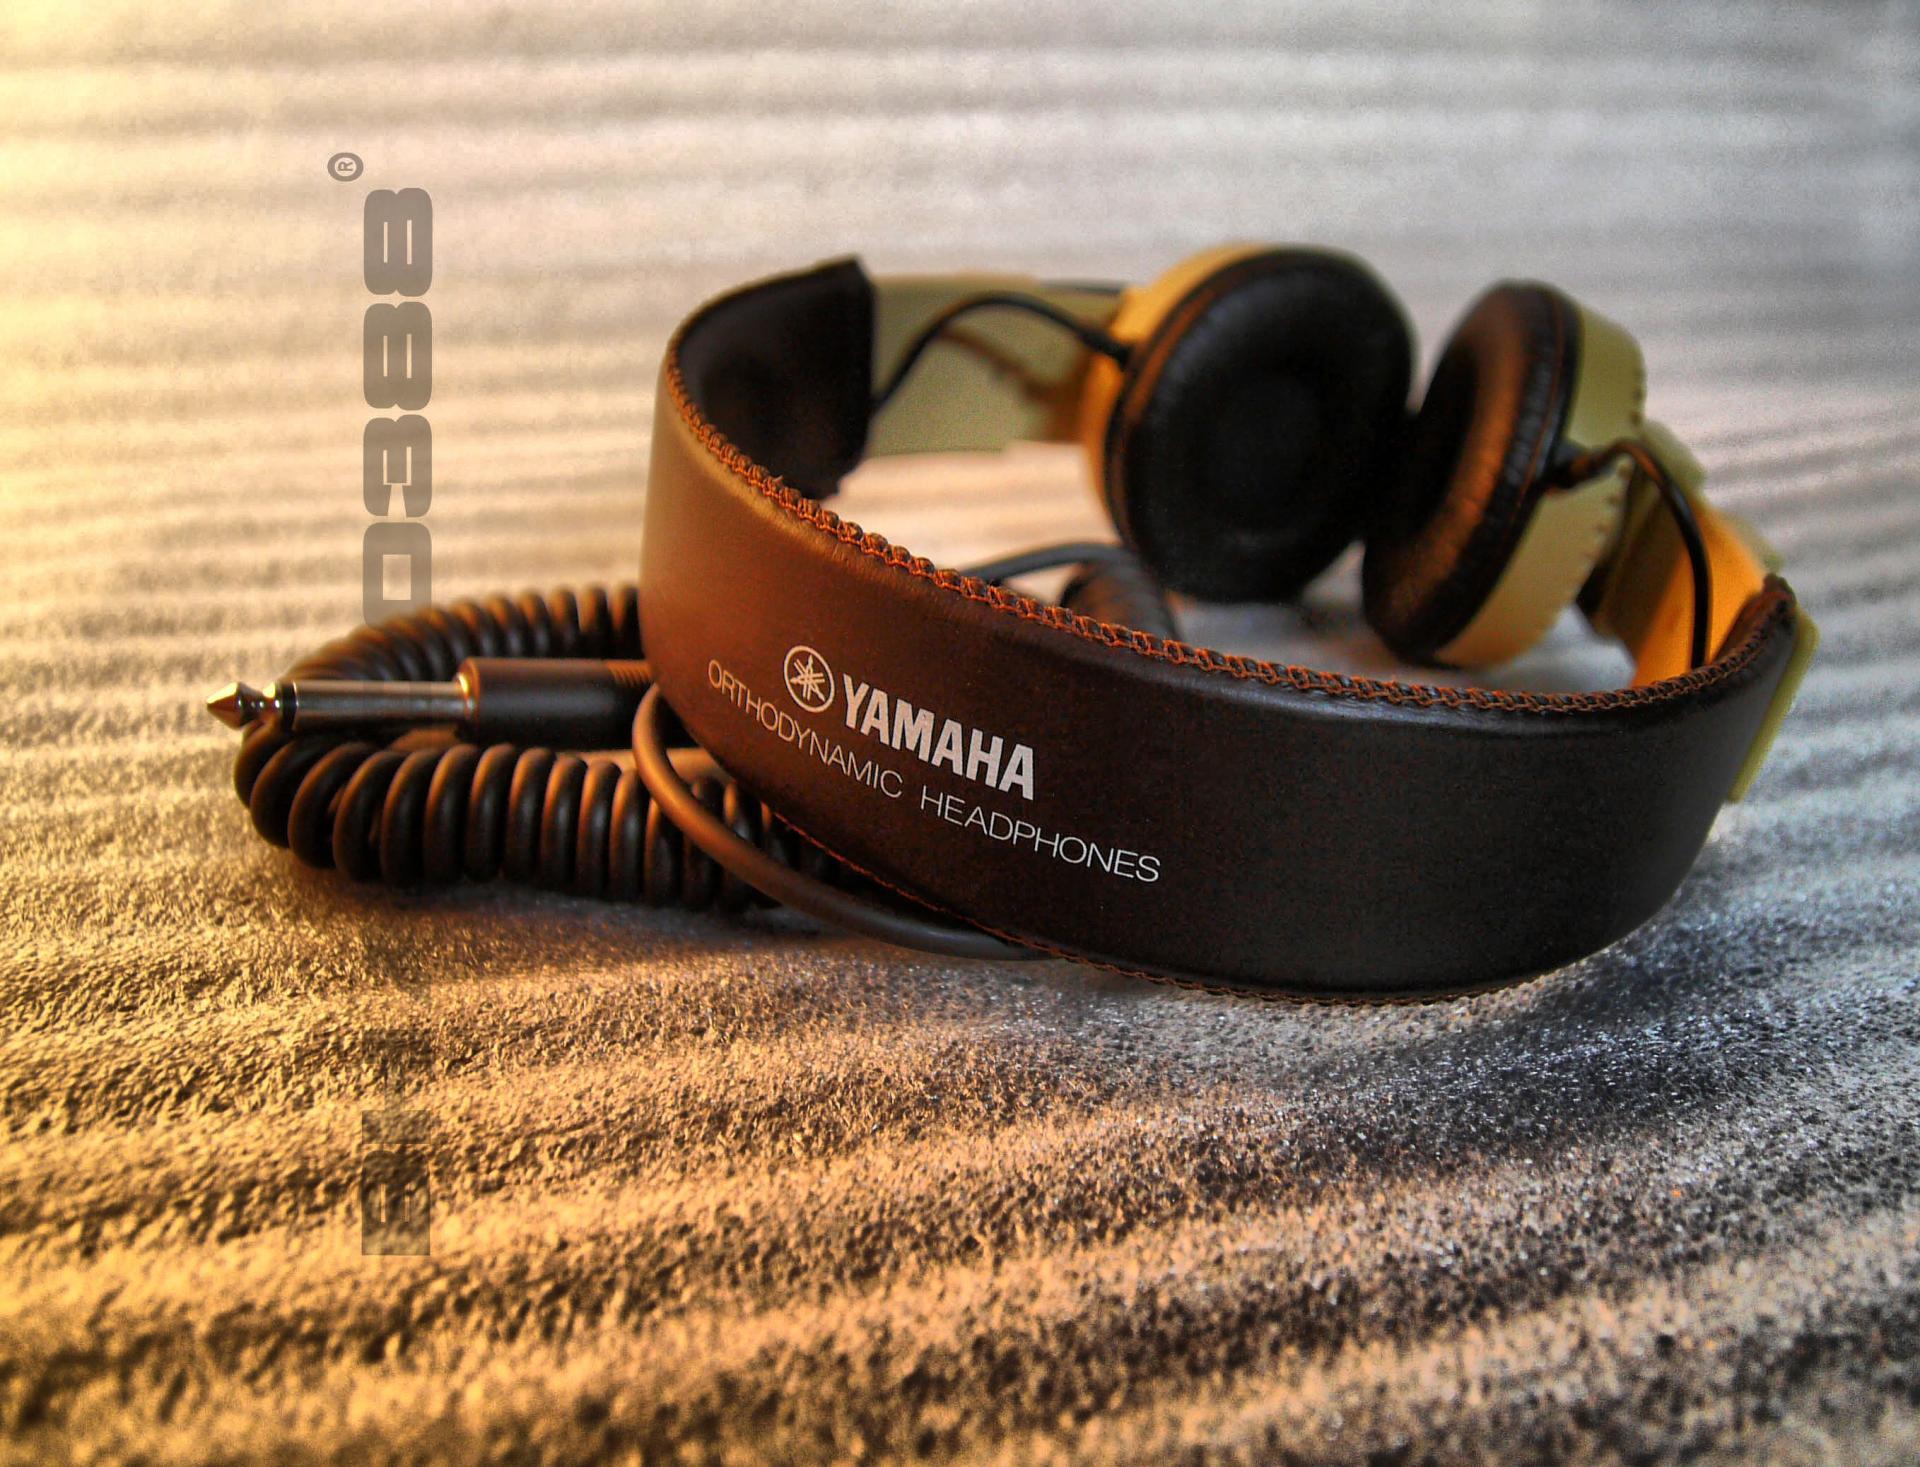 Yamaha hp 50a